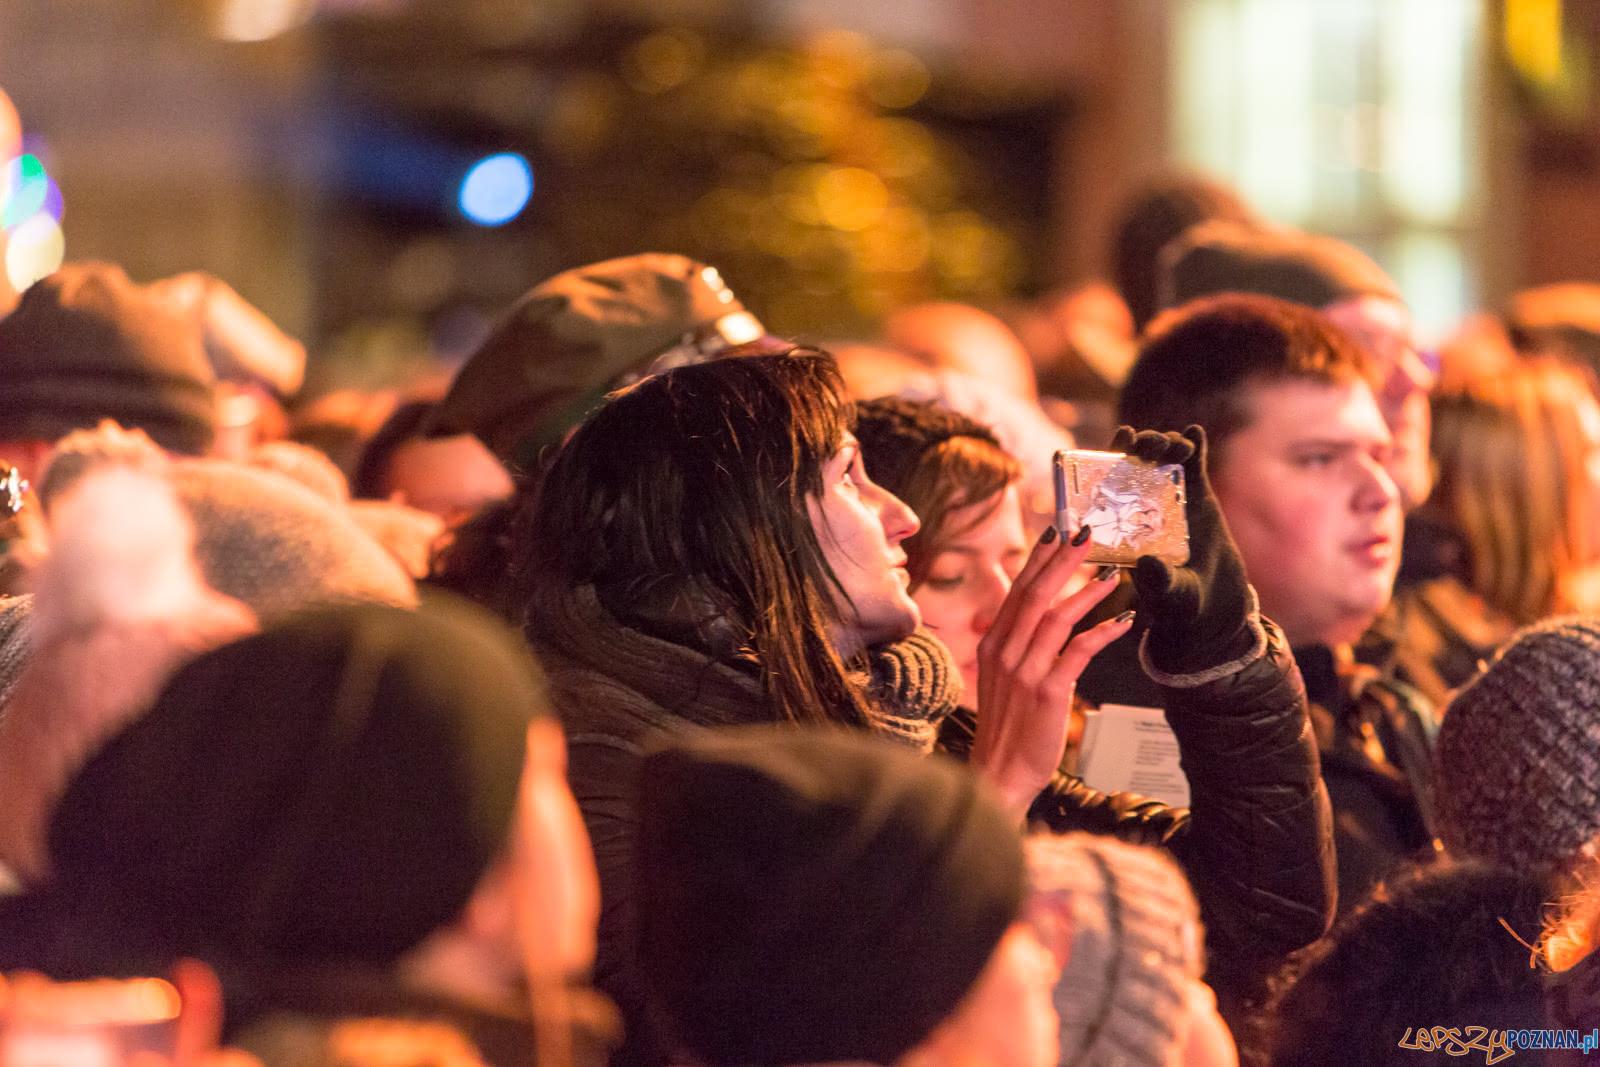 Wielkopolanie Śpiewają Niepodległe  Foto: lepszyPOZNAN.pl/Piotr Rychter